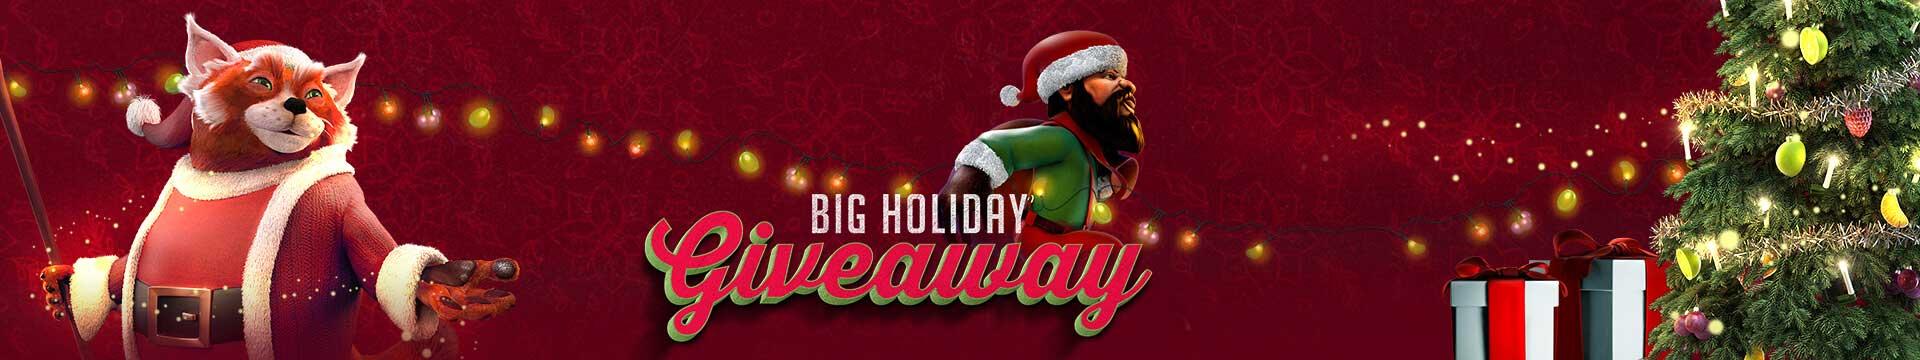 Slider Banner - Big Holiday Giveaway